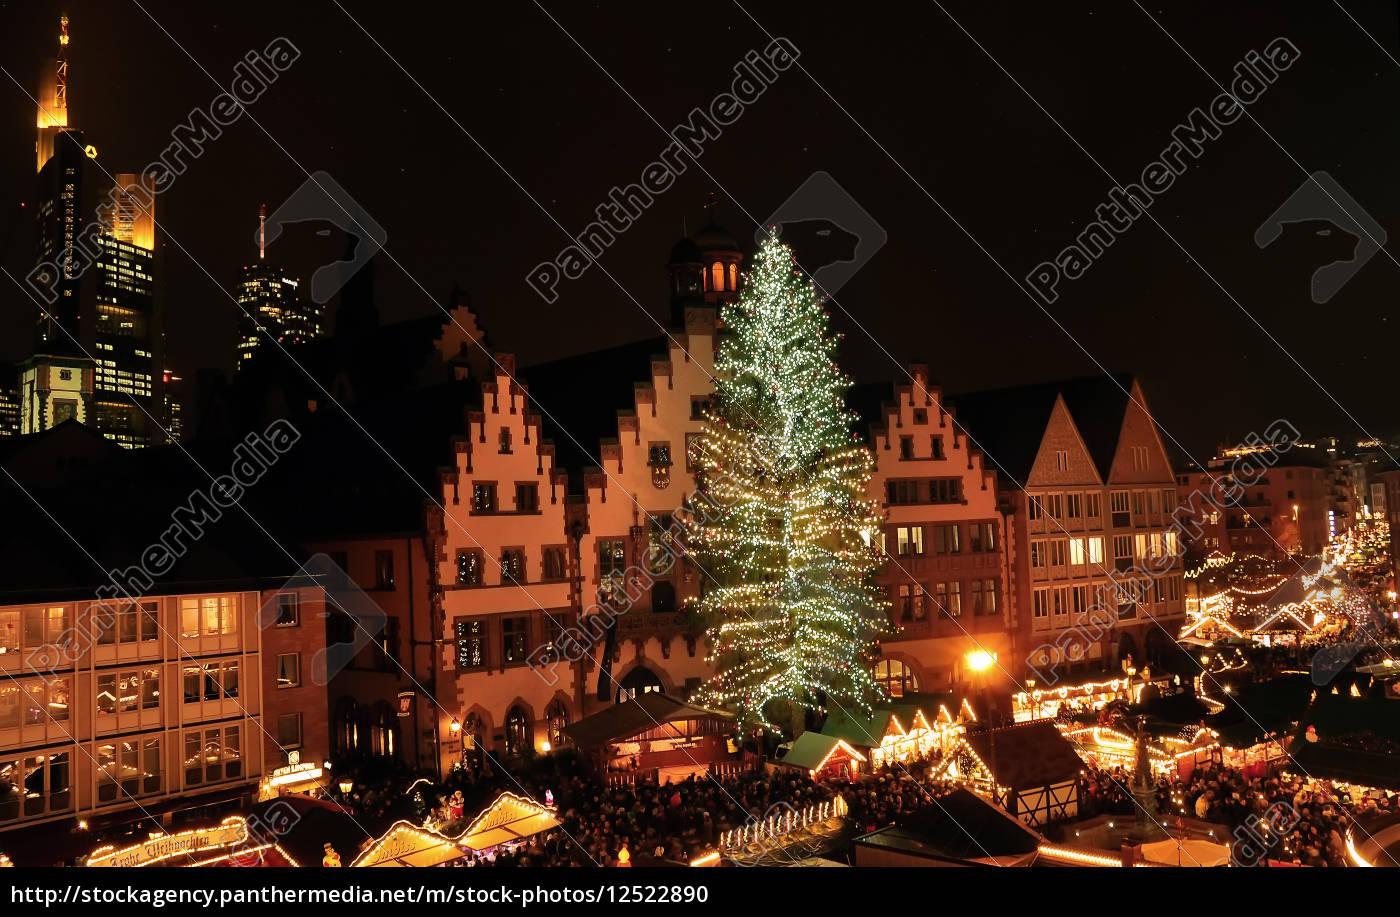 Frankfurter Weihnachtsmarkt.Stock Photo 12522890 Frankfurter Weihnachtsmarkt